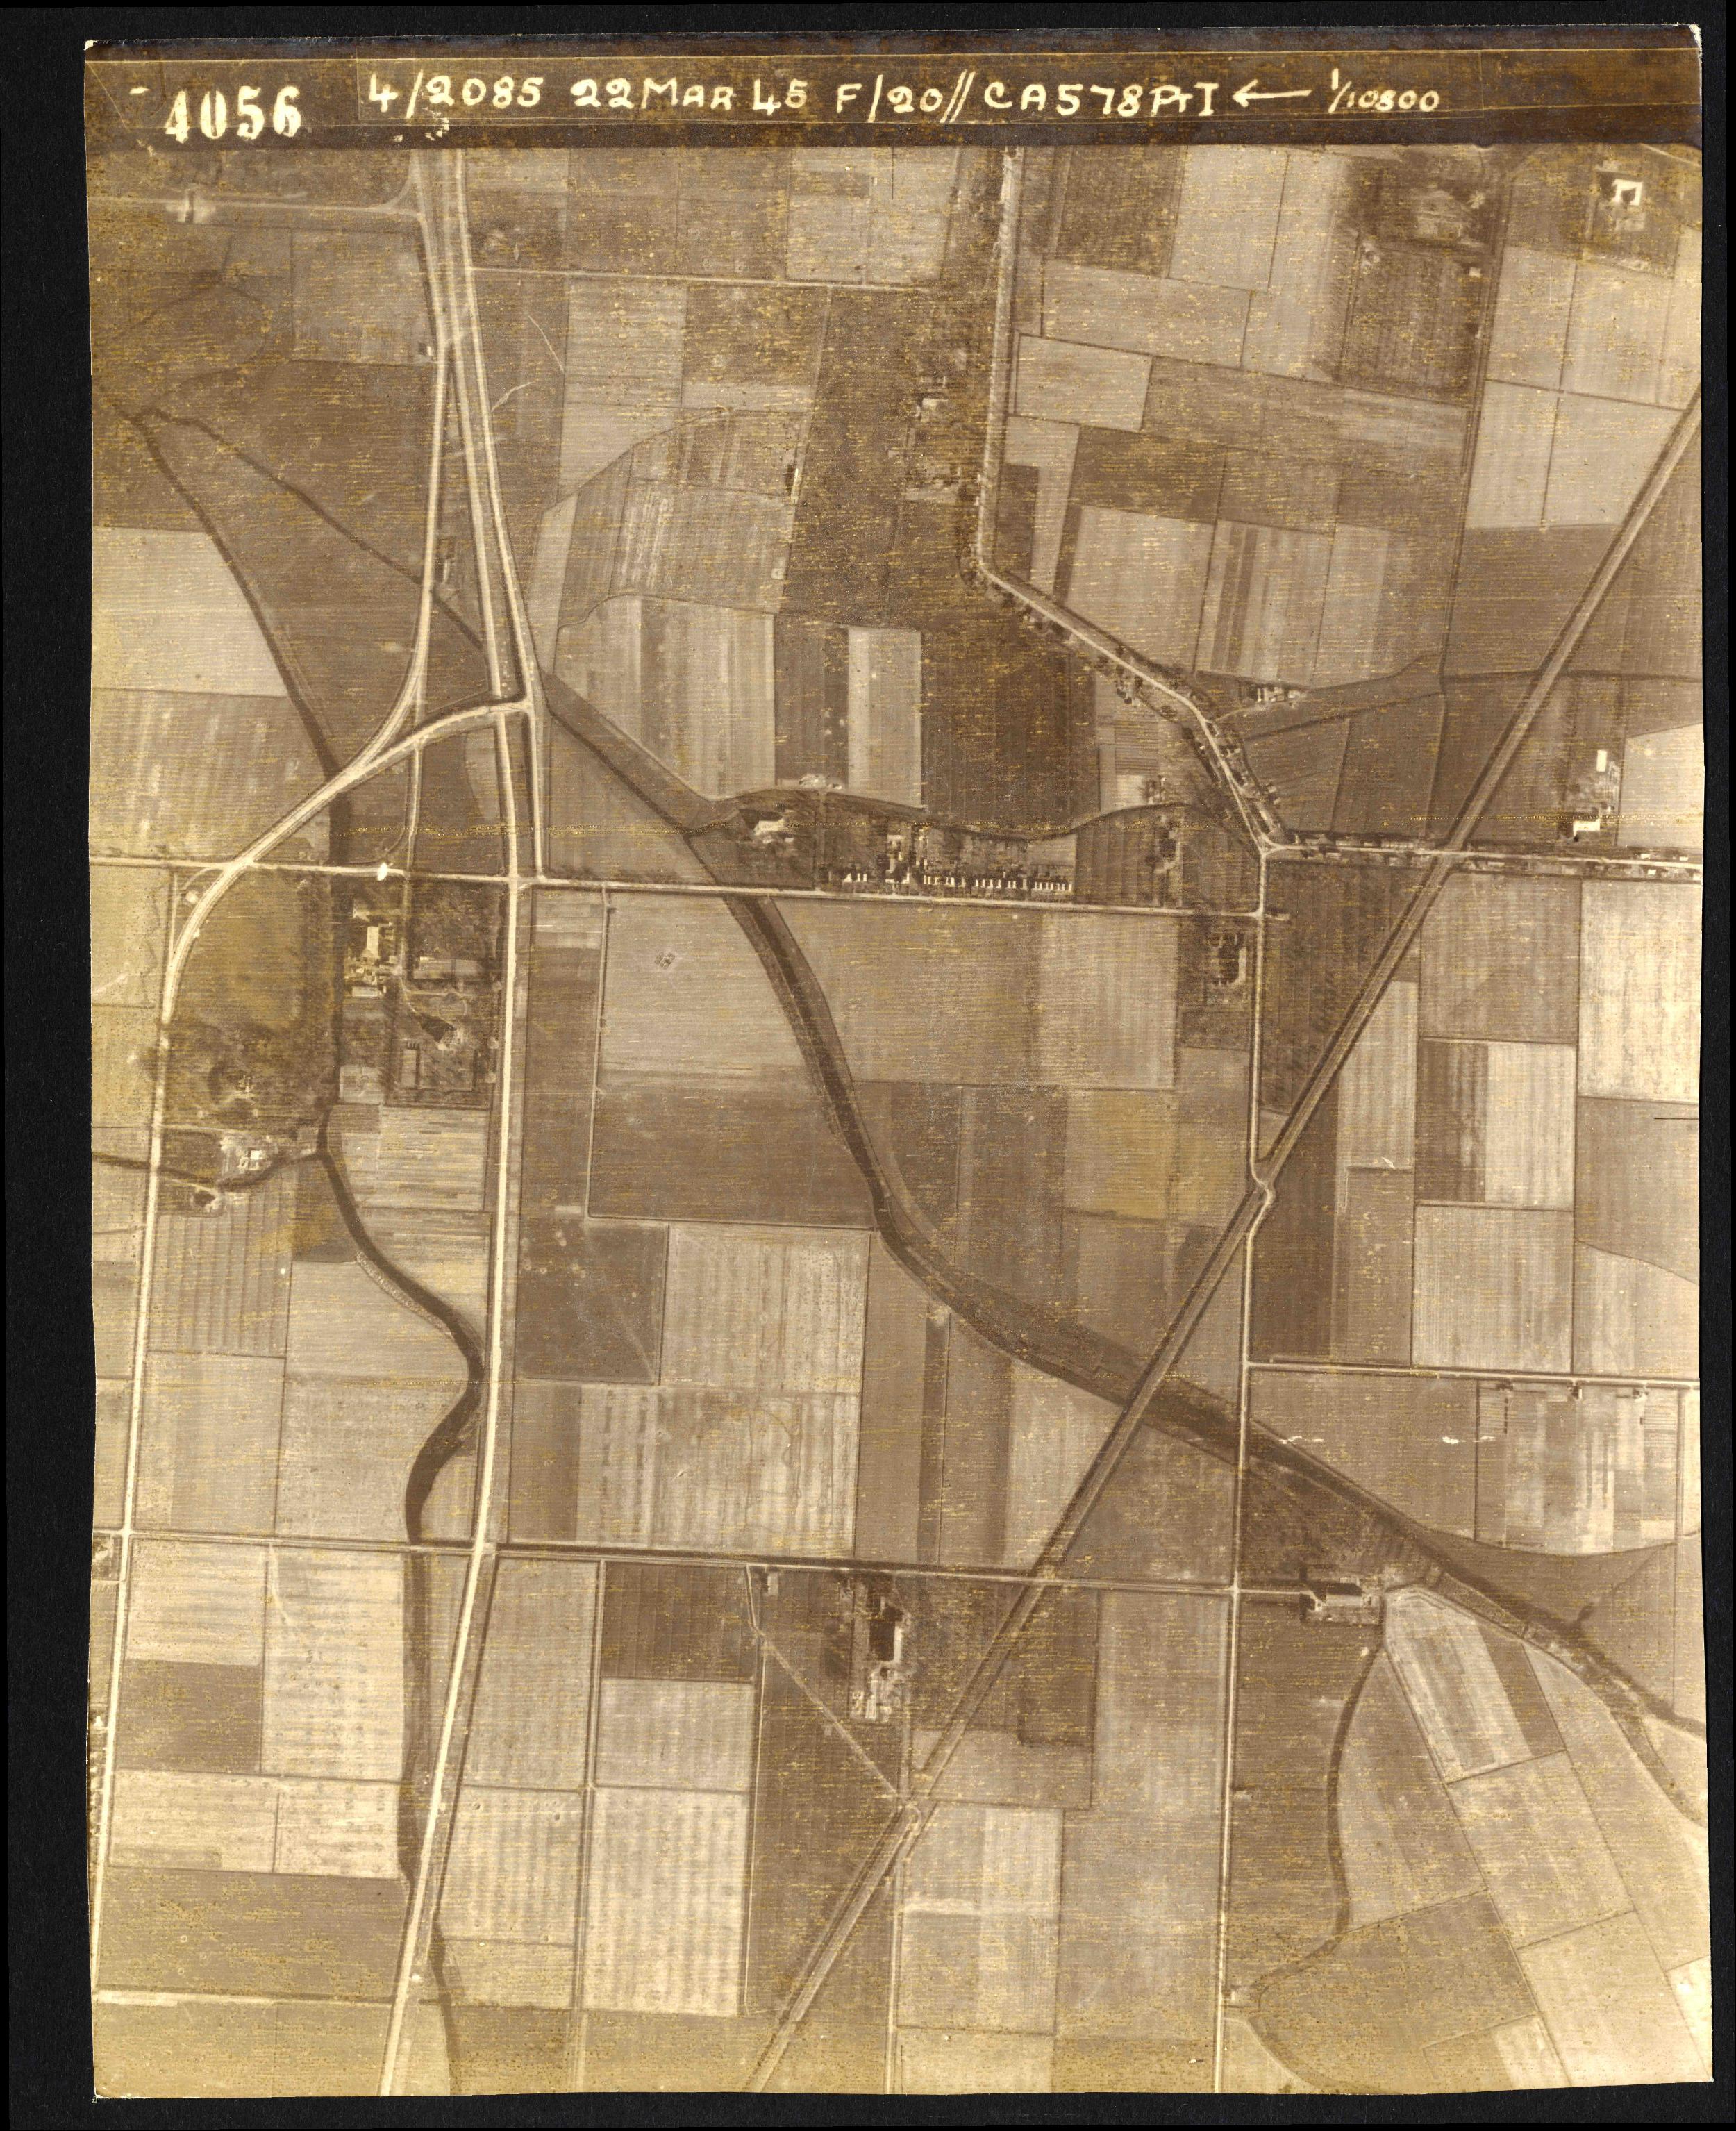 Collection RAF aerial photos 1940-1945 - flight 021, run 01, photo 4056